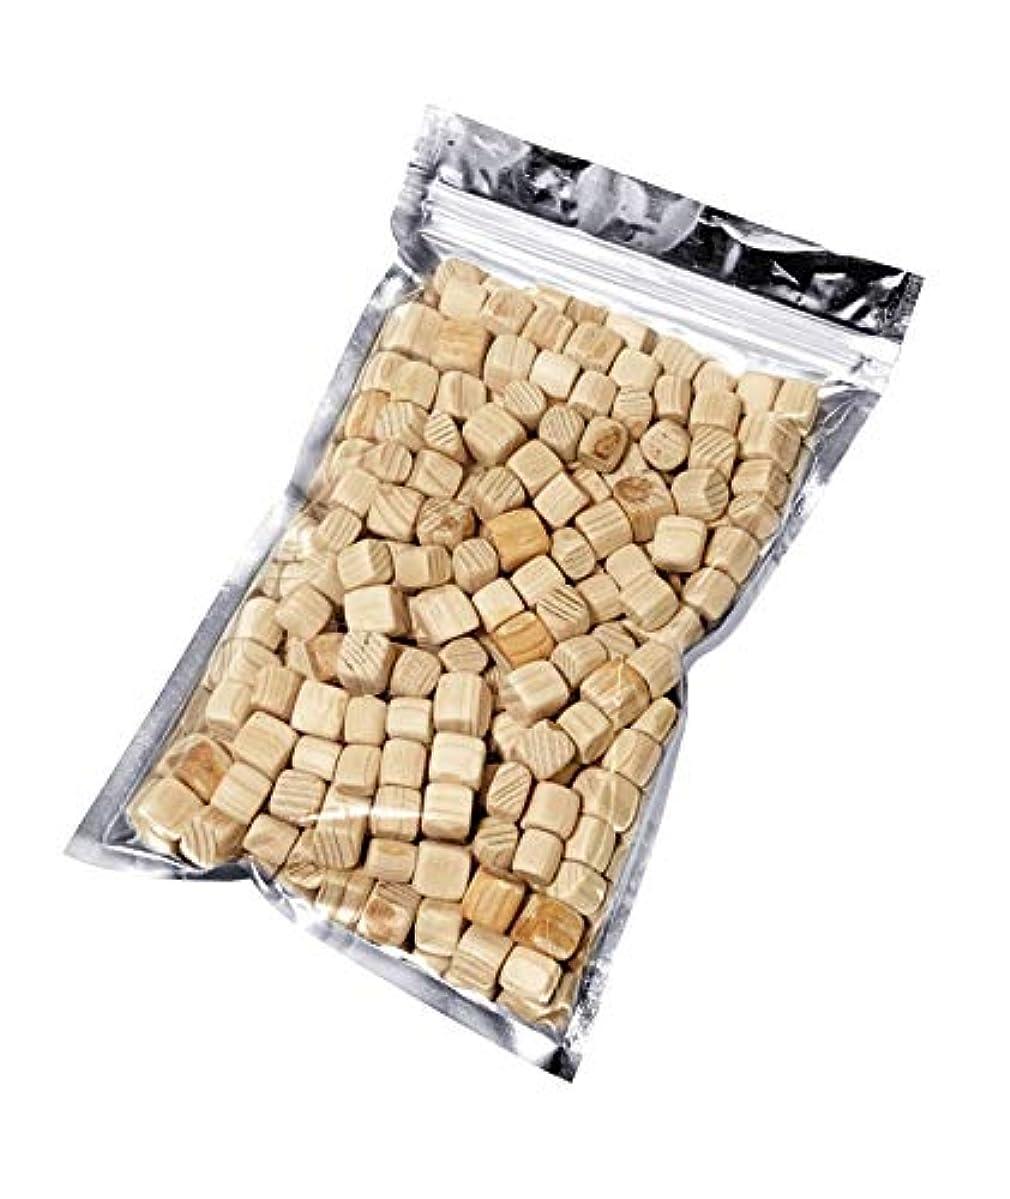 ワイン襲撃アクティブkicoriya 国産ヒノキ キューブ状ブロック 90g サシェ用袋付き